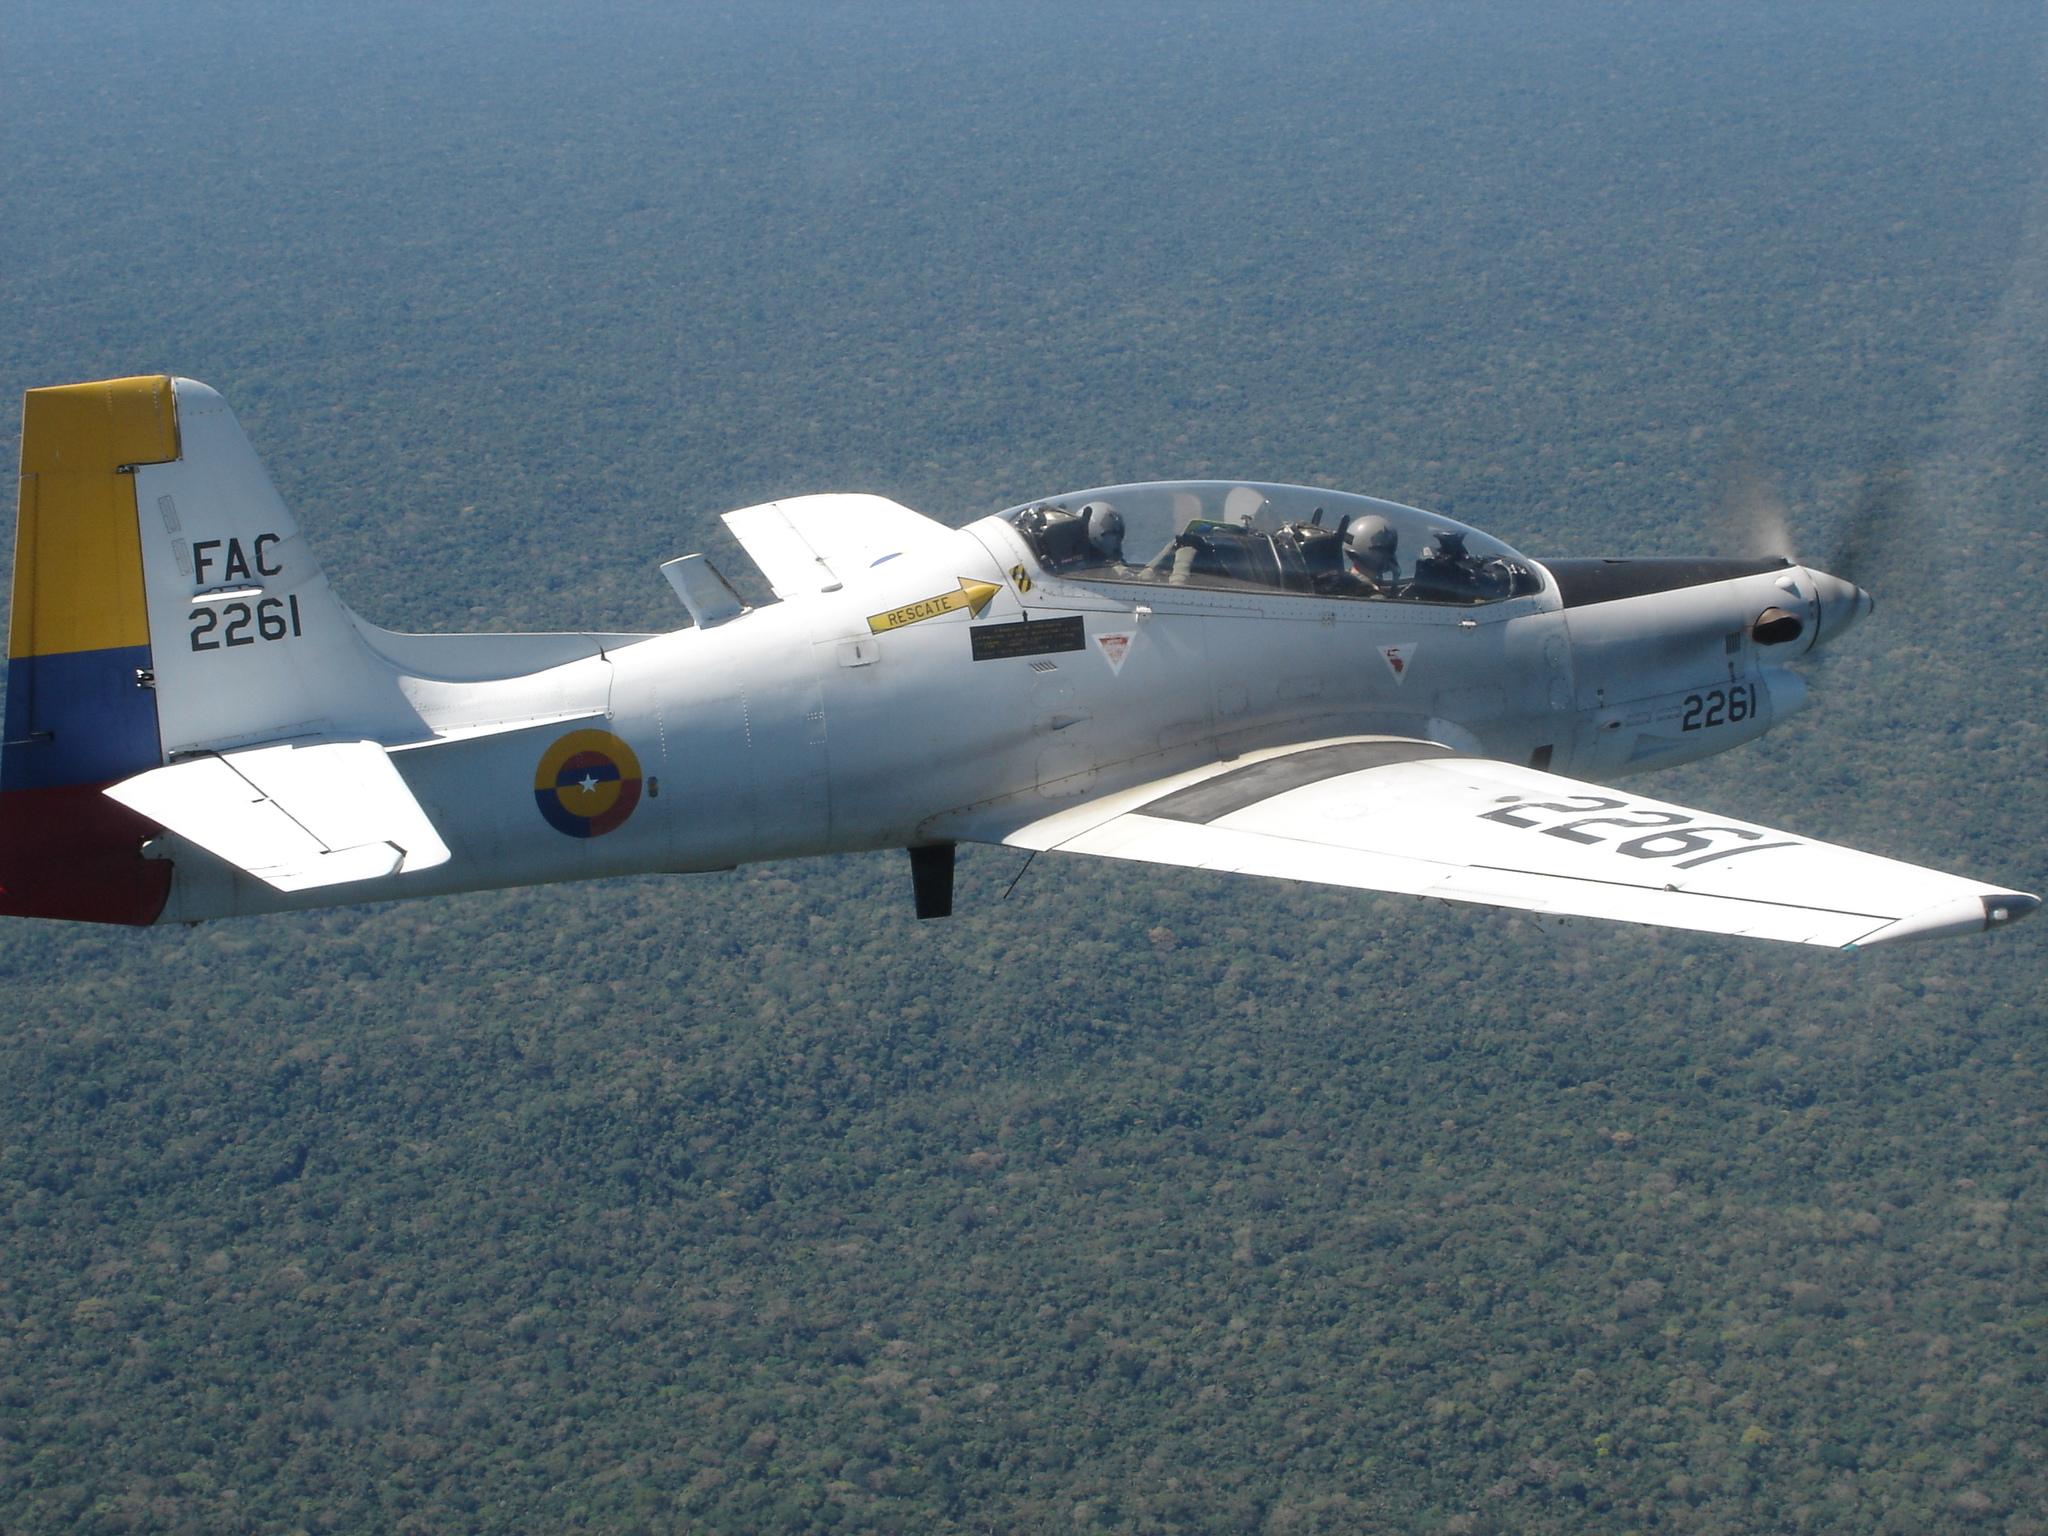 Embraer EMB 314 Super Tucano(  avión turbohélice diseñado para el ataque ligero, contrainsurgencia y entrenamiento avanzado de pilotosBrasil, ) Tucano-colombia-foto-fac